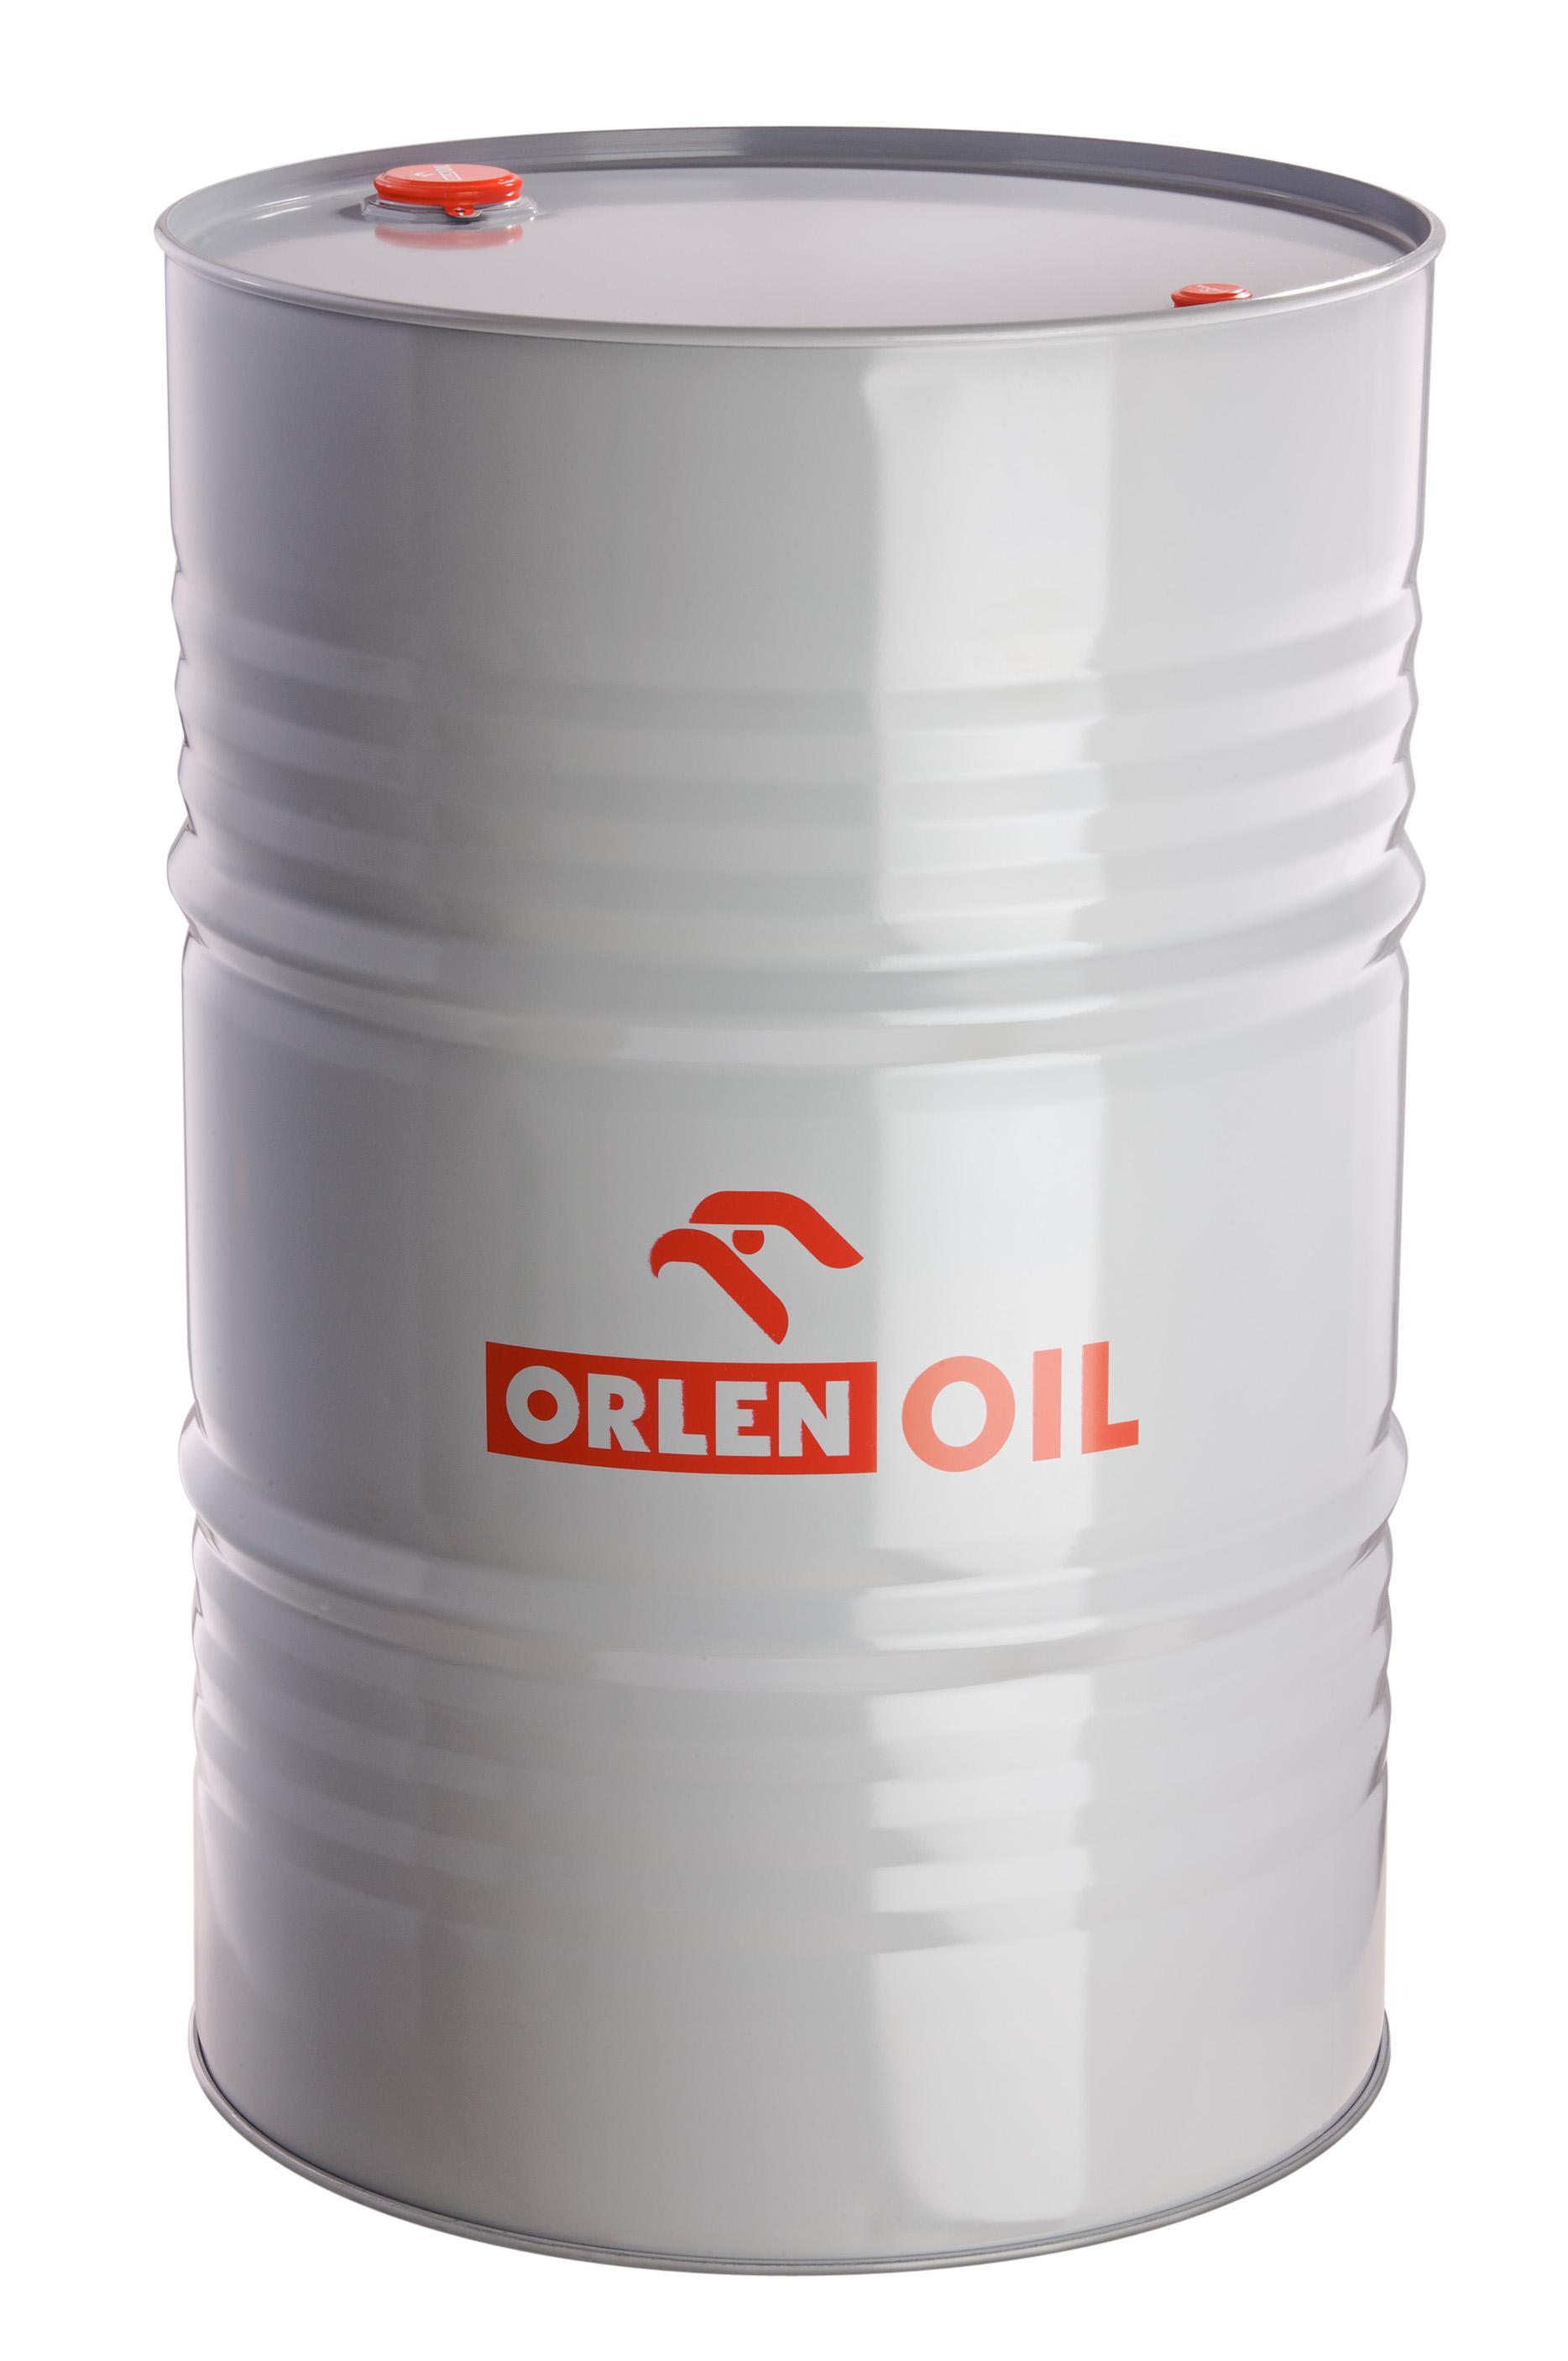 ORLEN OIL OLEJ DO BARDZO GŁĘBOKIEGO TŁOCZENIA    BECZKA 205L